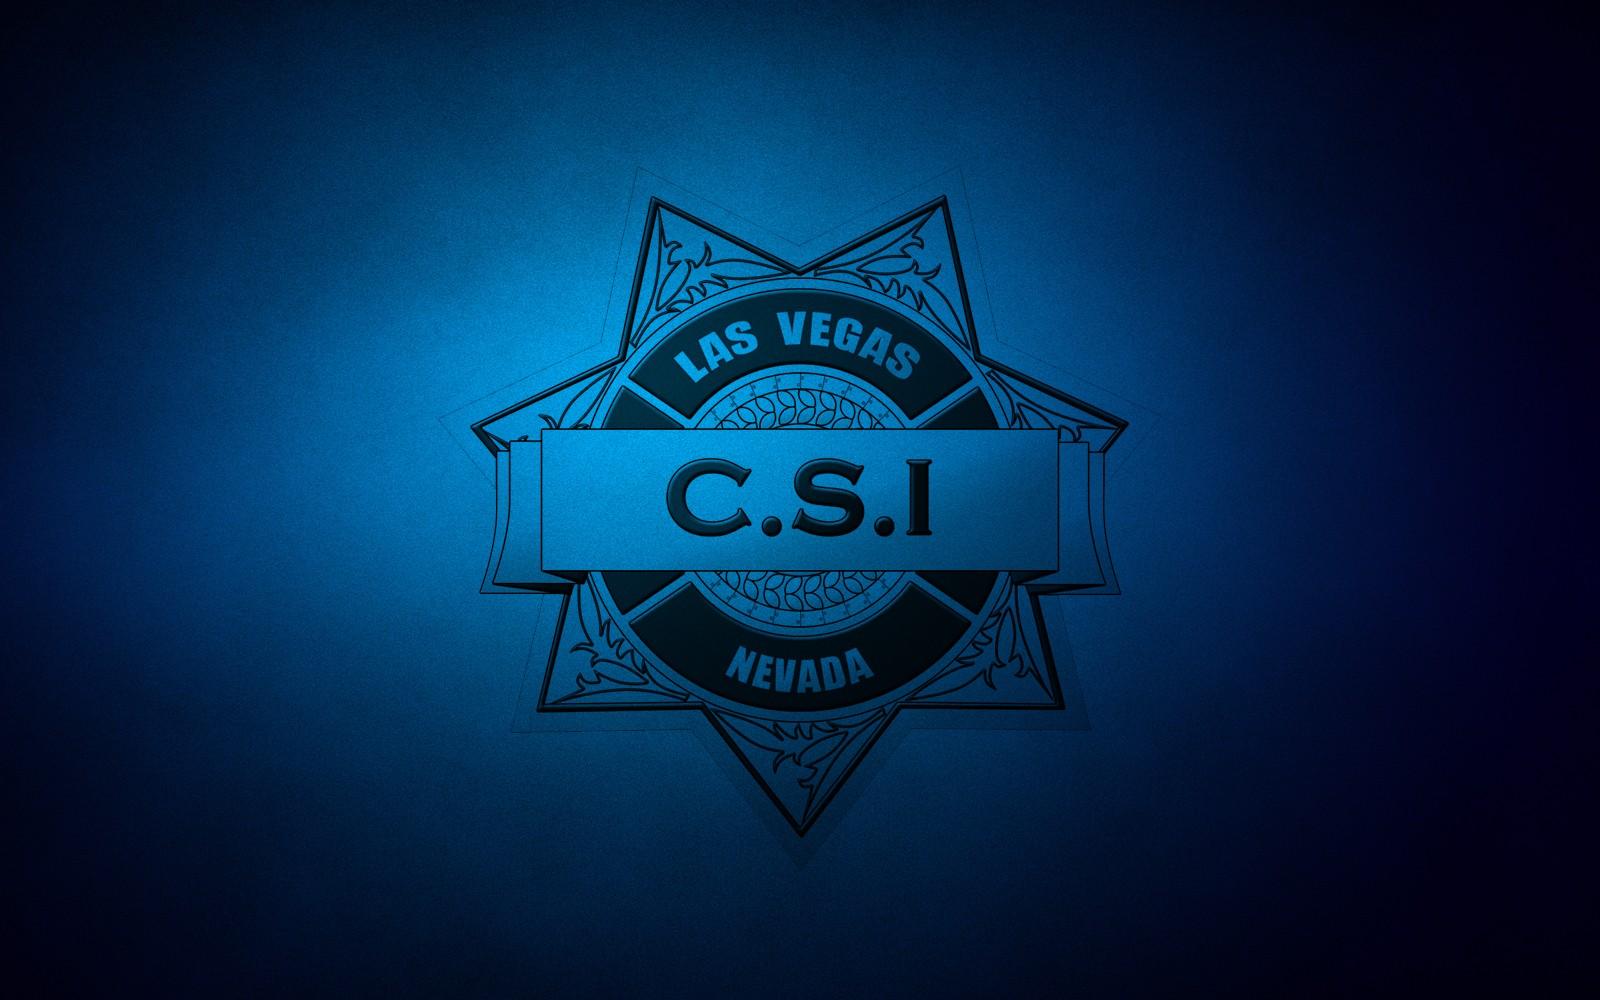 Police Badge Iphone Wallpaper Badges csi wallpaper 1600x1000